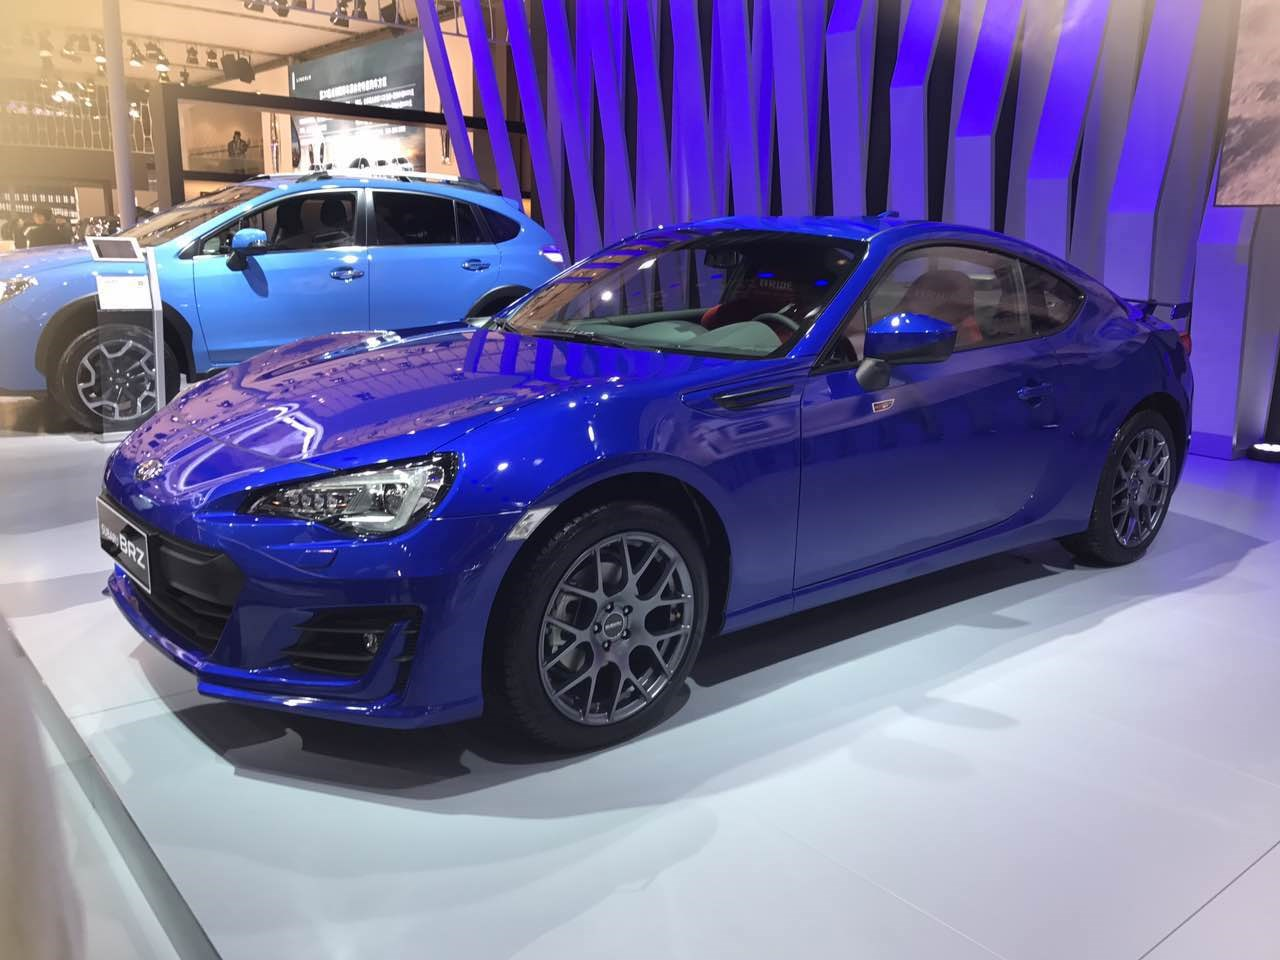 斯巴鲁发布BRZ成都地区限量版车型 配置略有升级